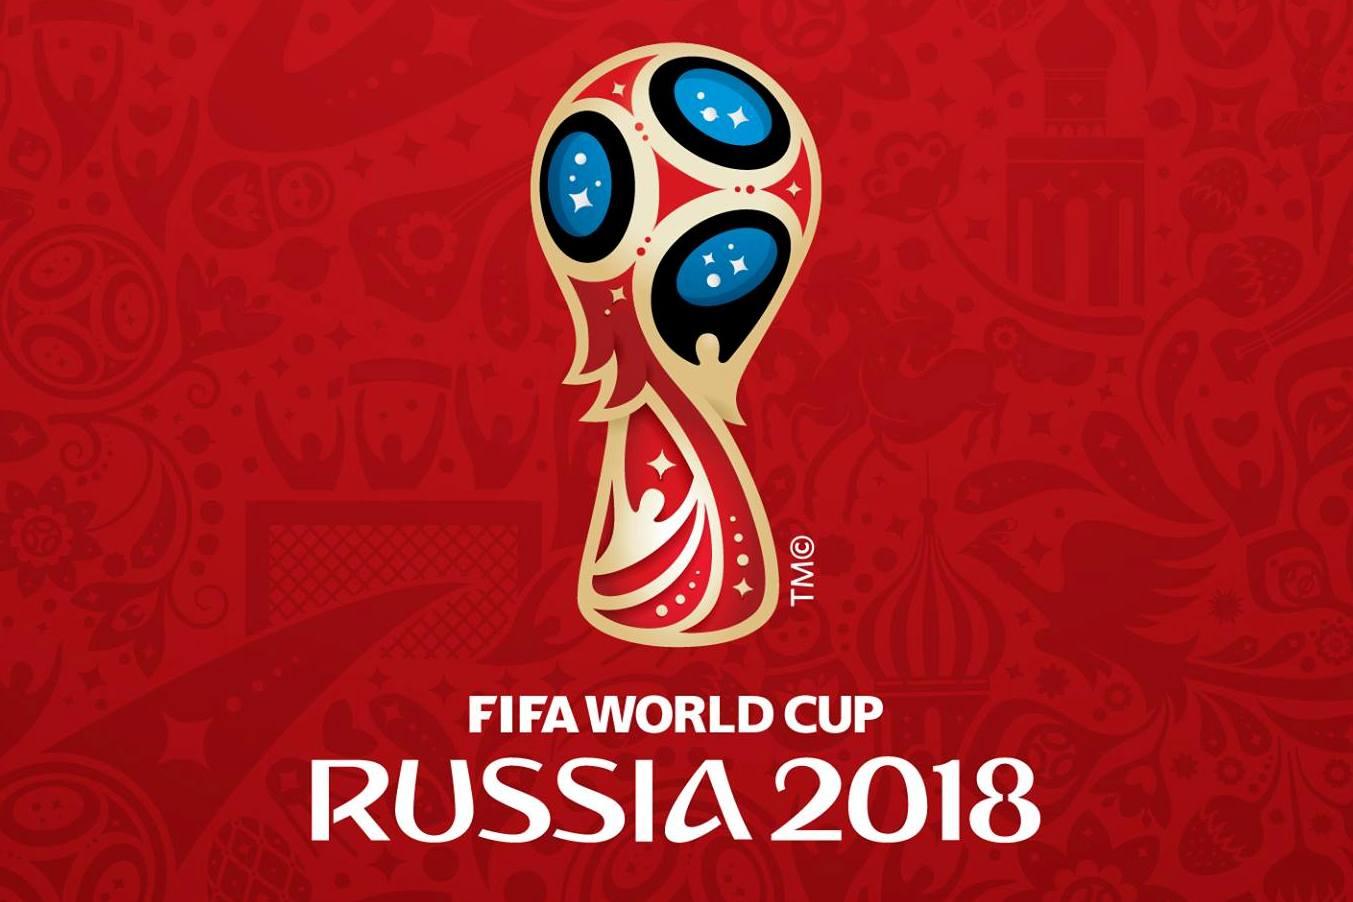 Матчи Чемпионата мира по футболу в Ярославле можно будет смотреть на большом экране